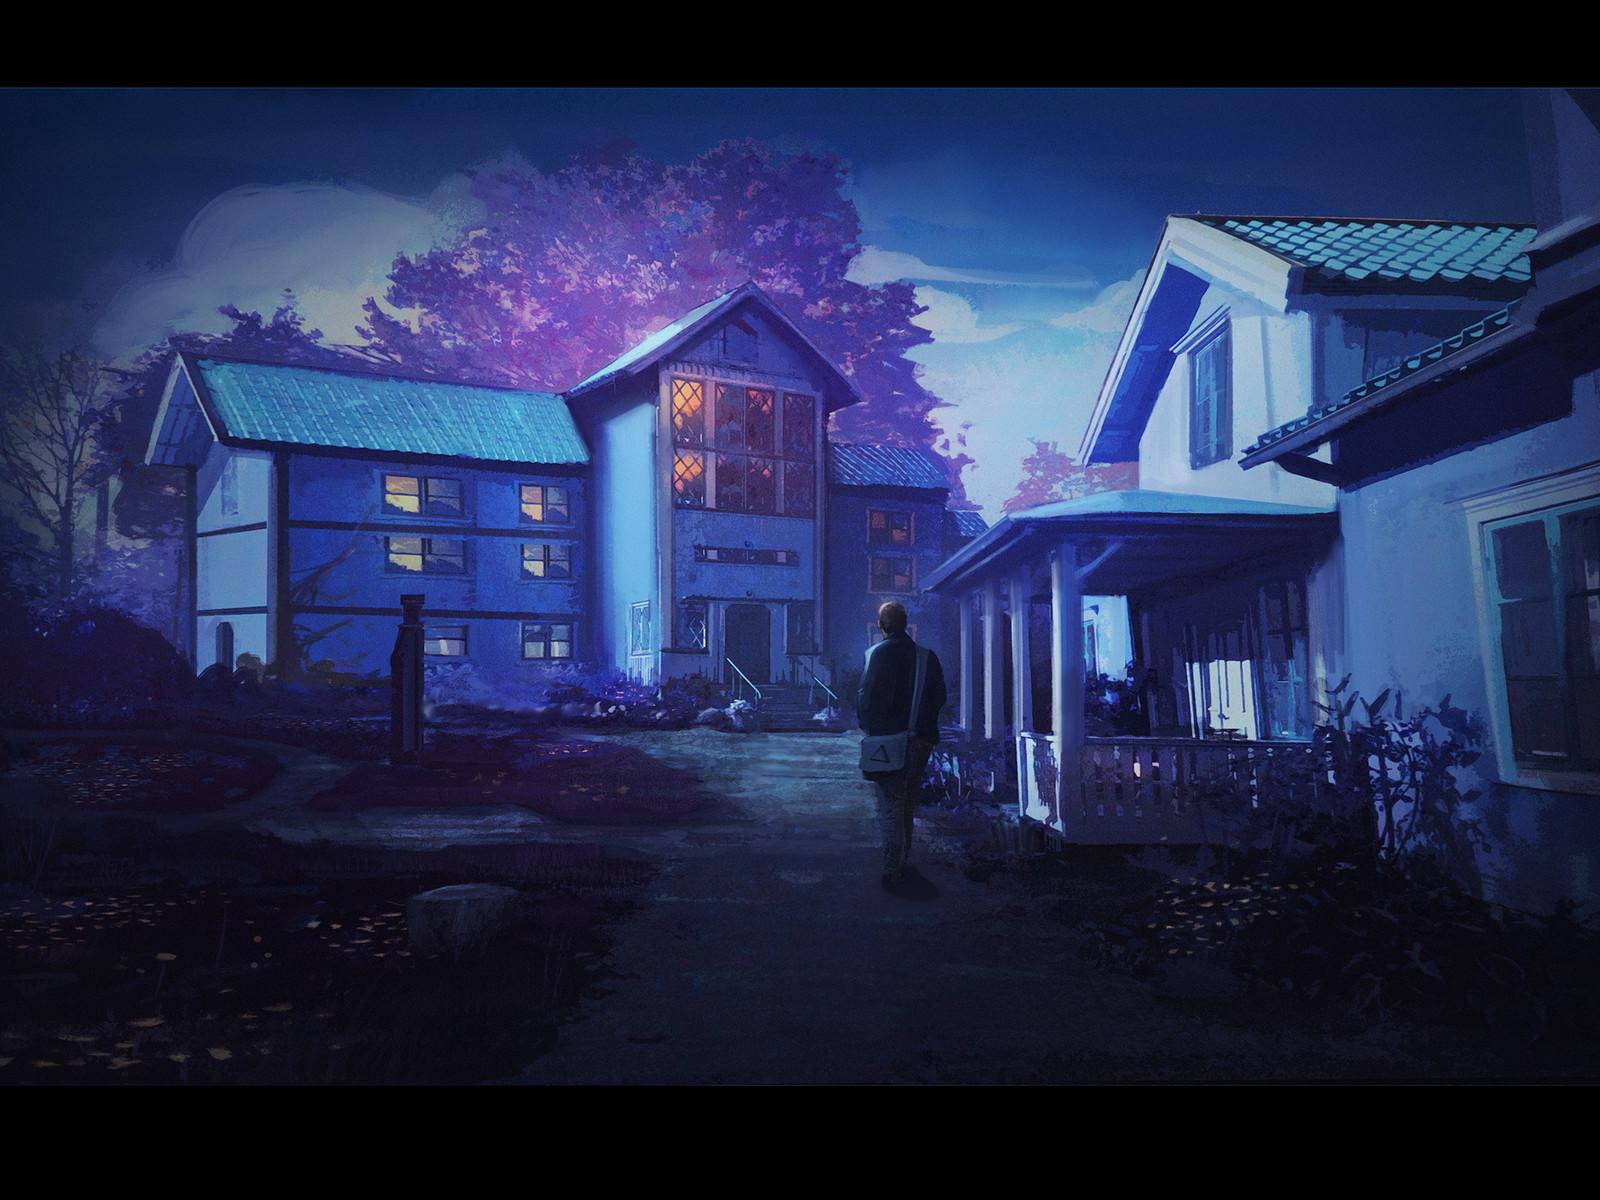 Cyan houses